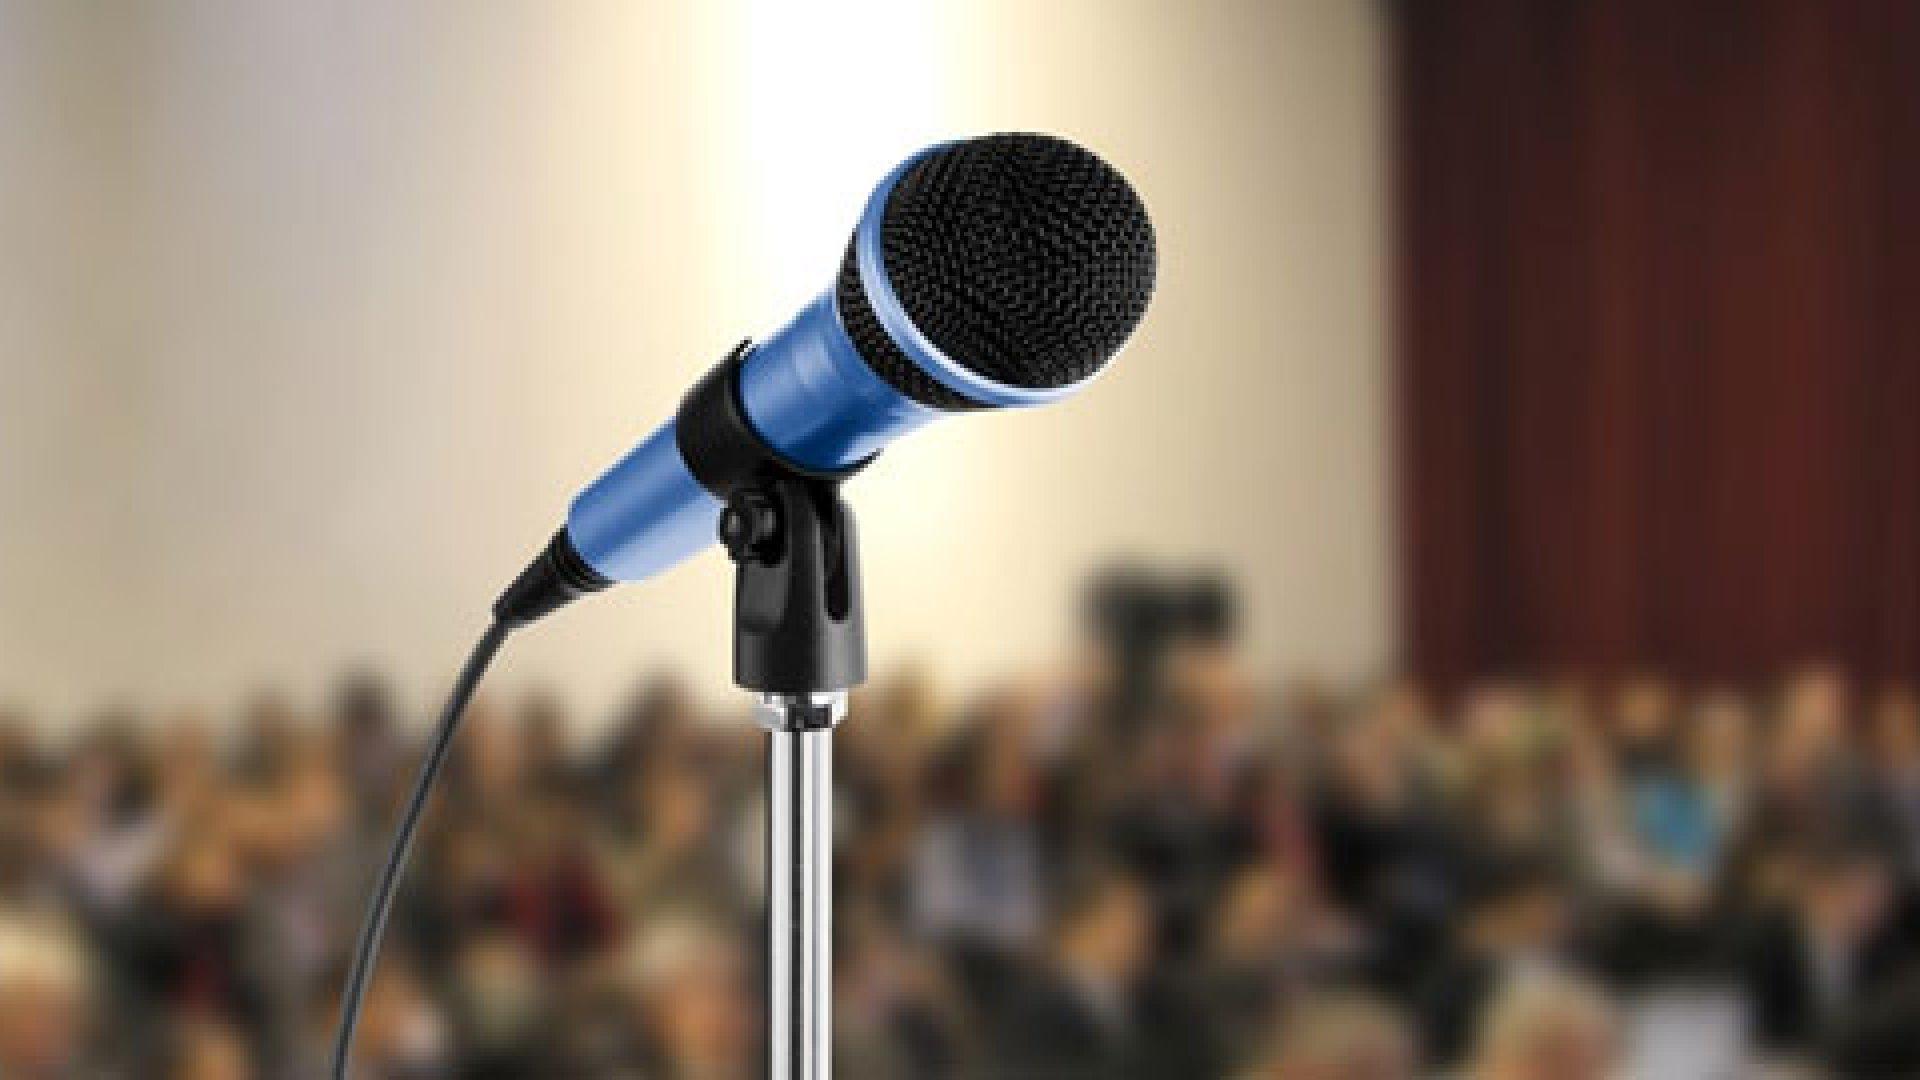 Fix Your Presentations: 21 Quick Tips